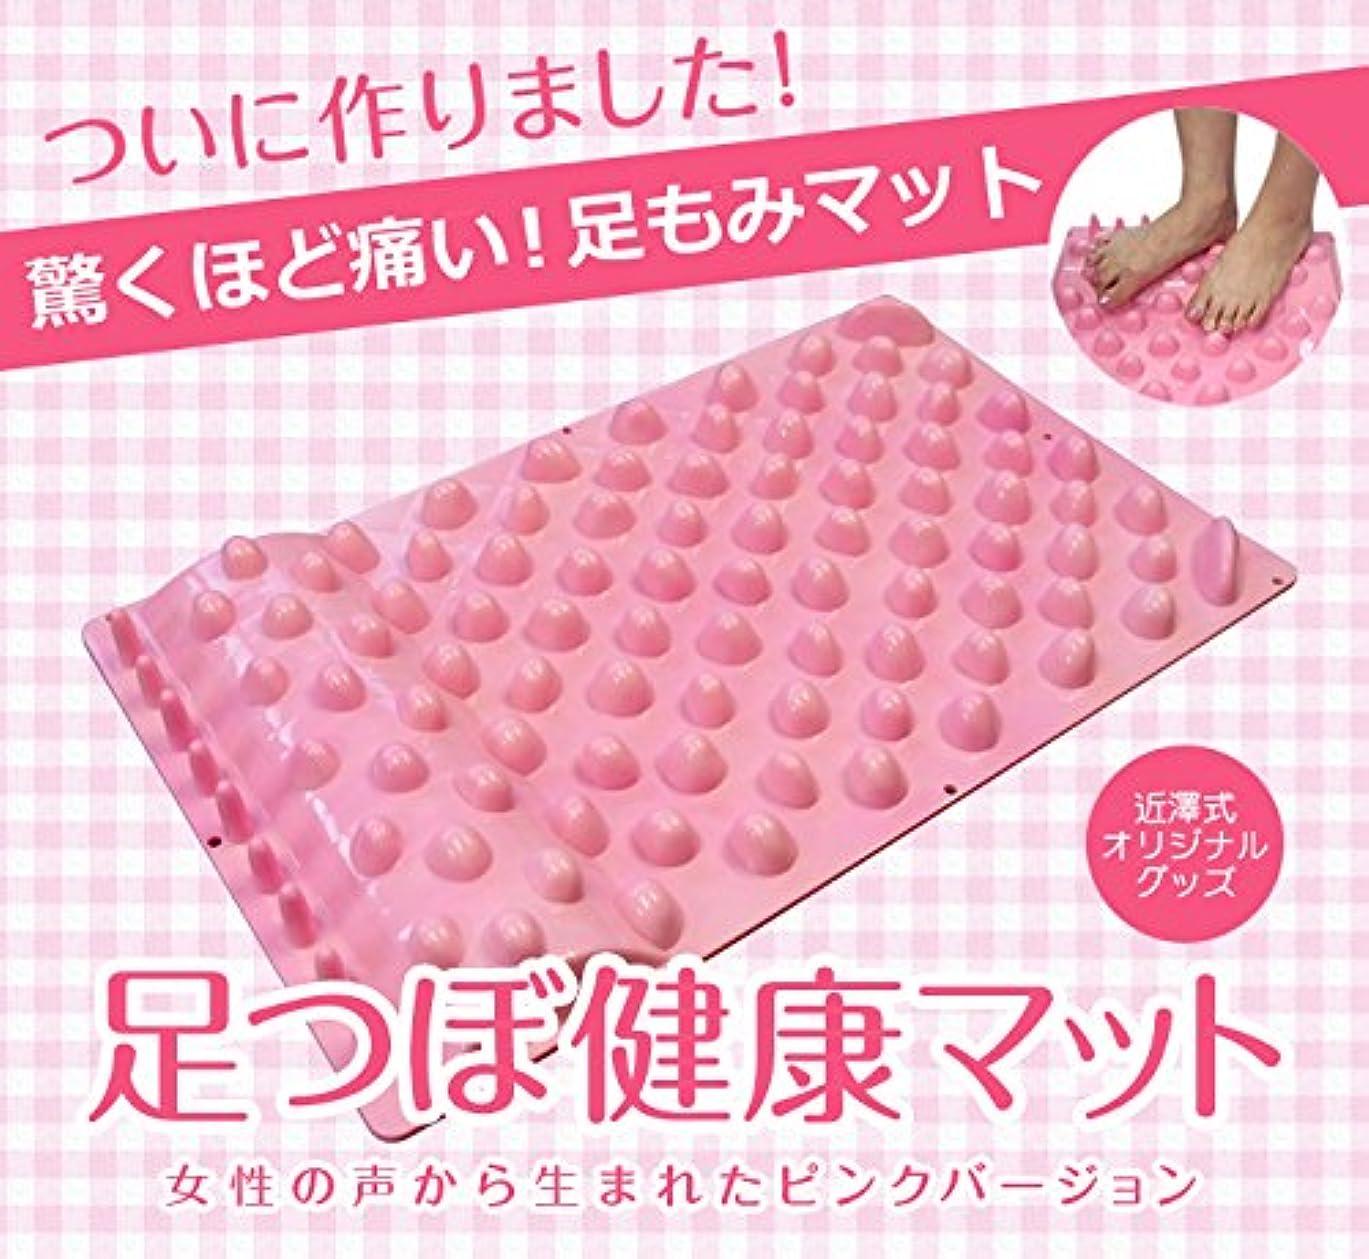 ほめる運動するドット【近澤式】足つぼマット ピンク